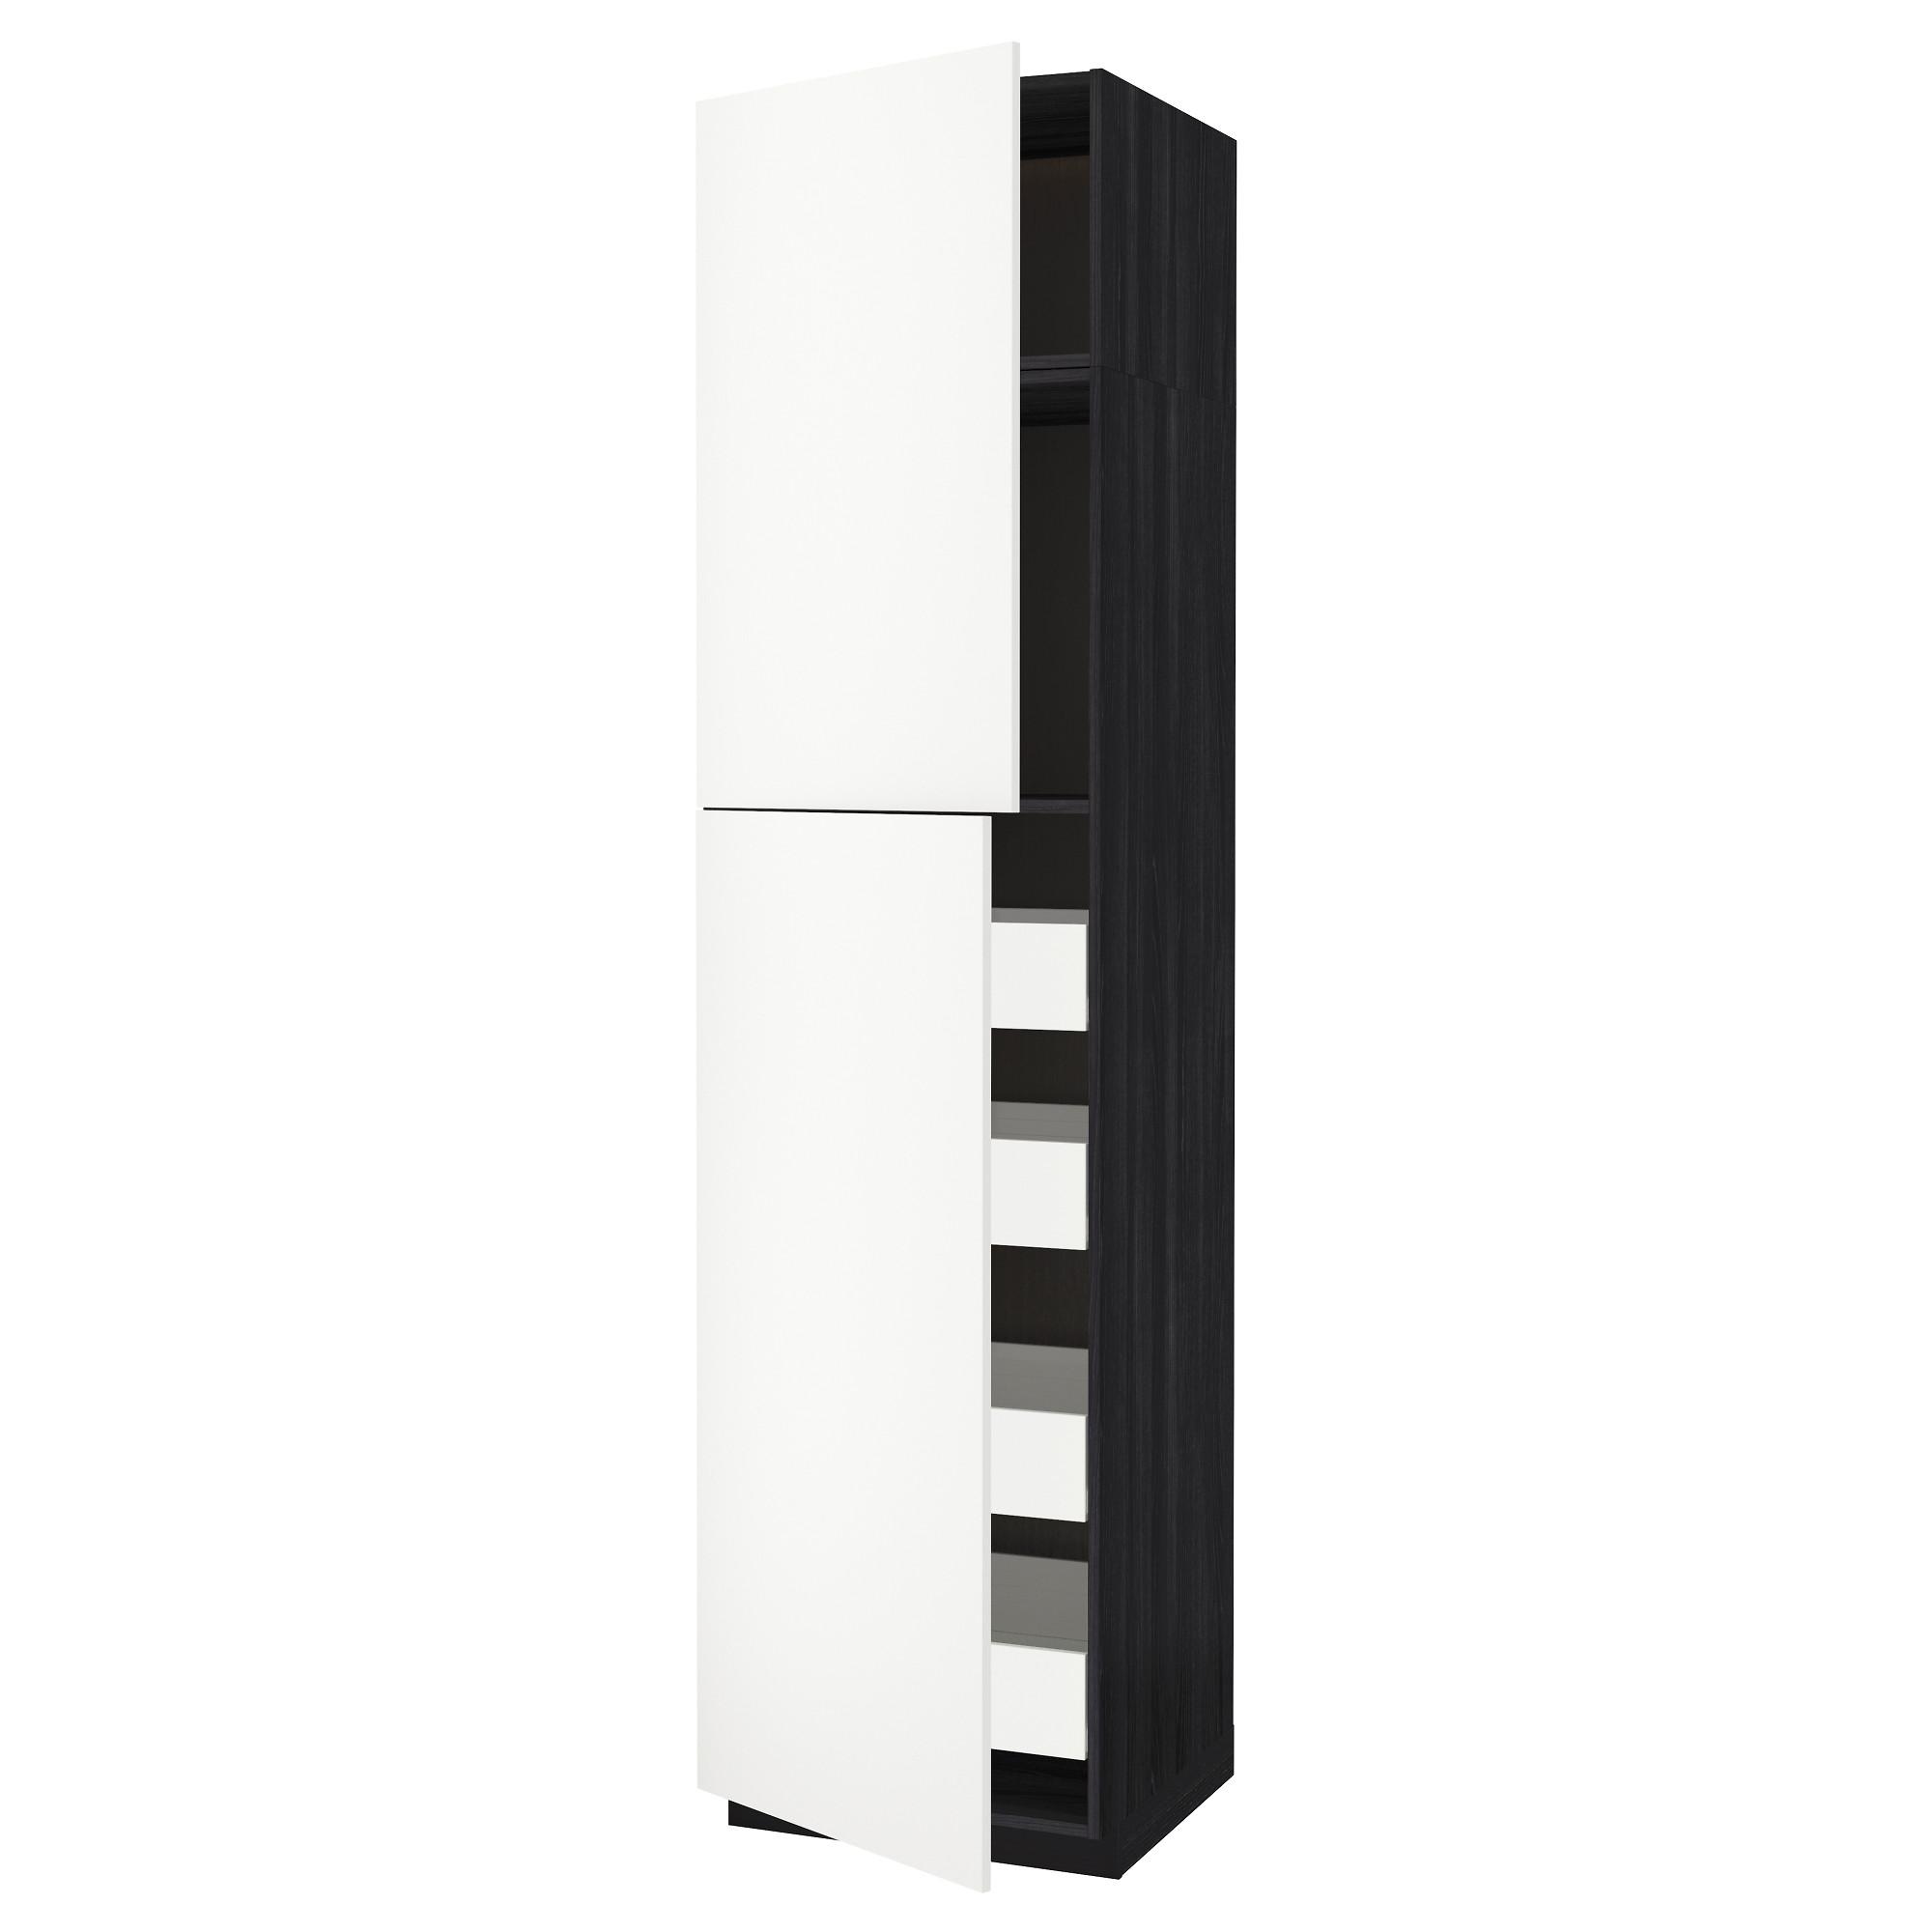 Высокий шкаф/2дверцы/4ящика МЕТОД / ФОРВАРА черный артикуль № 192.621.05 в наличии. Онлайн каталог IKEA РБ. Недорогая доставка и монтаж.